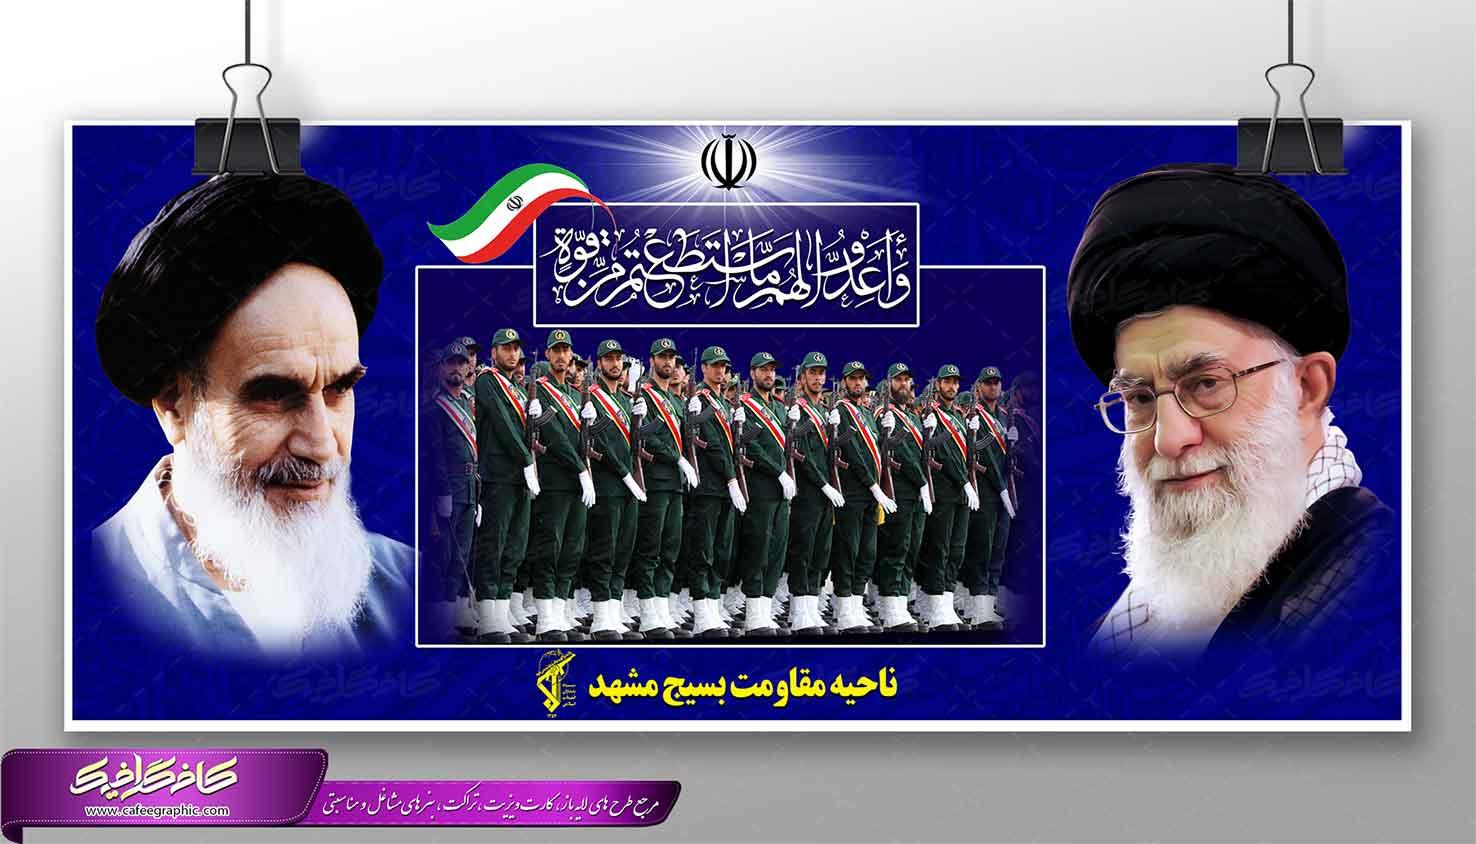 بنر لایه باز جایگاه رژه سپاه پاسدارن انقلاب اسلامی